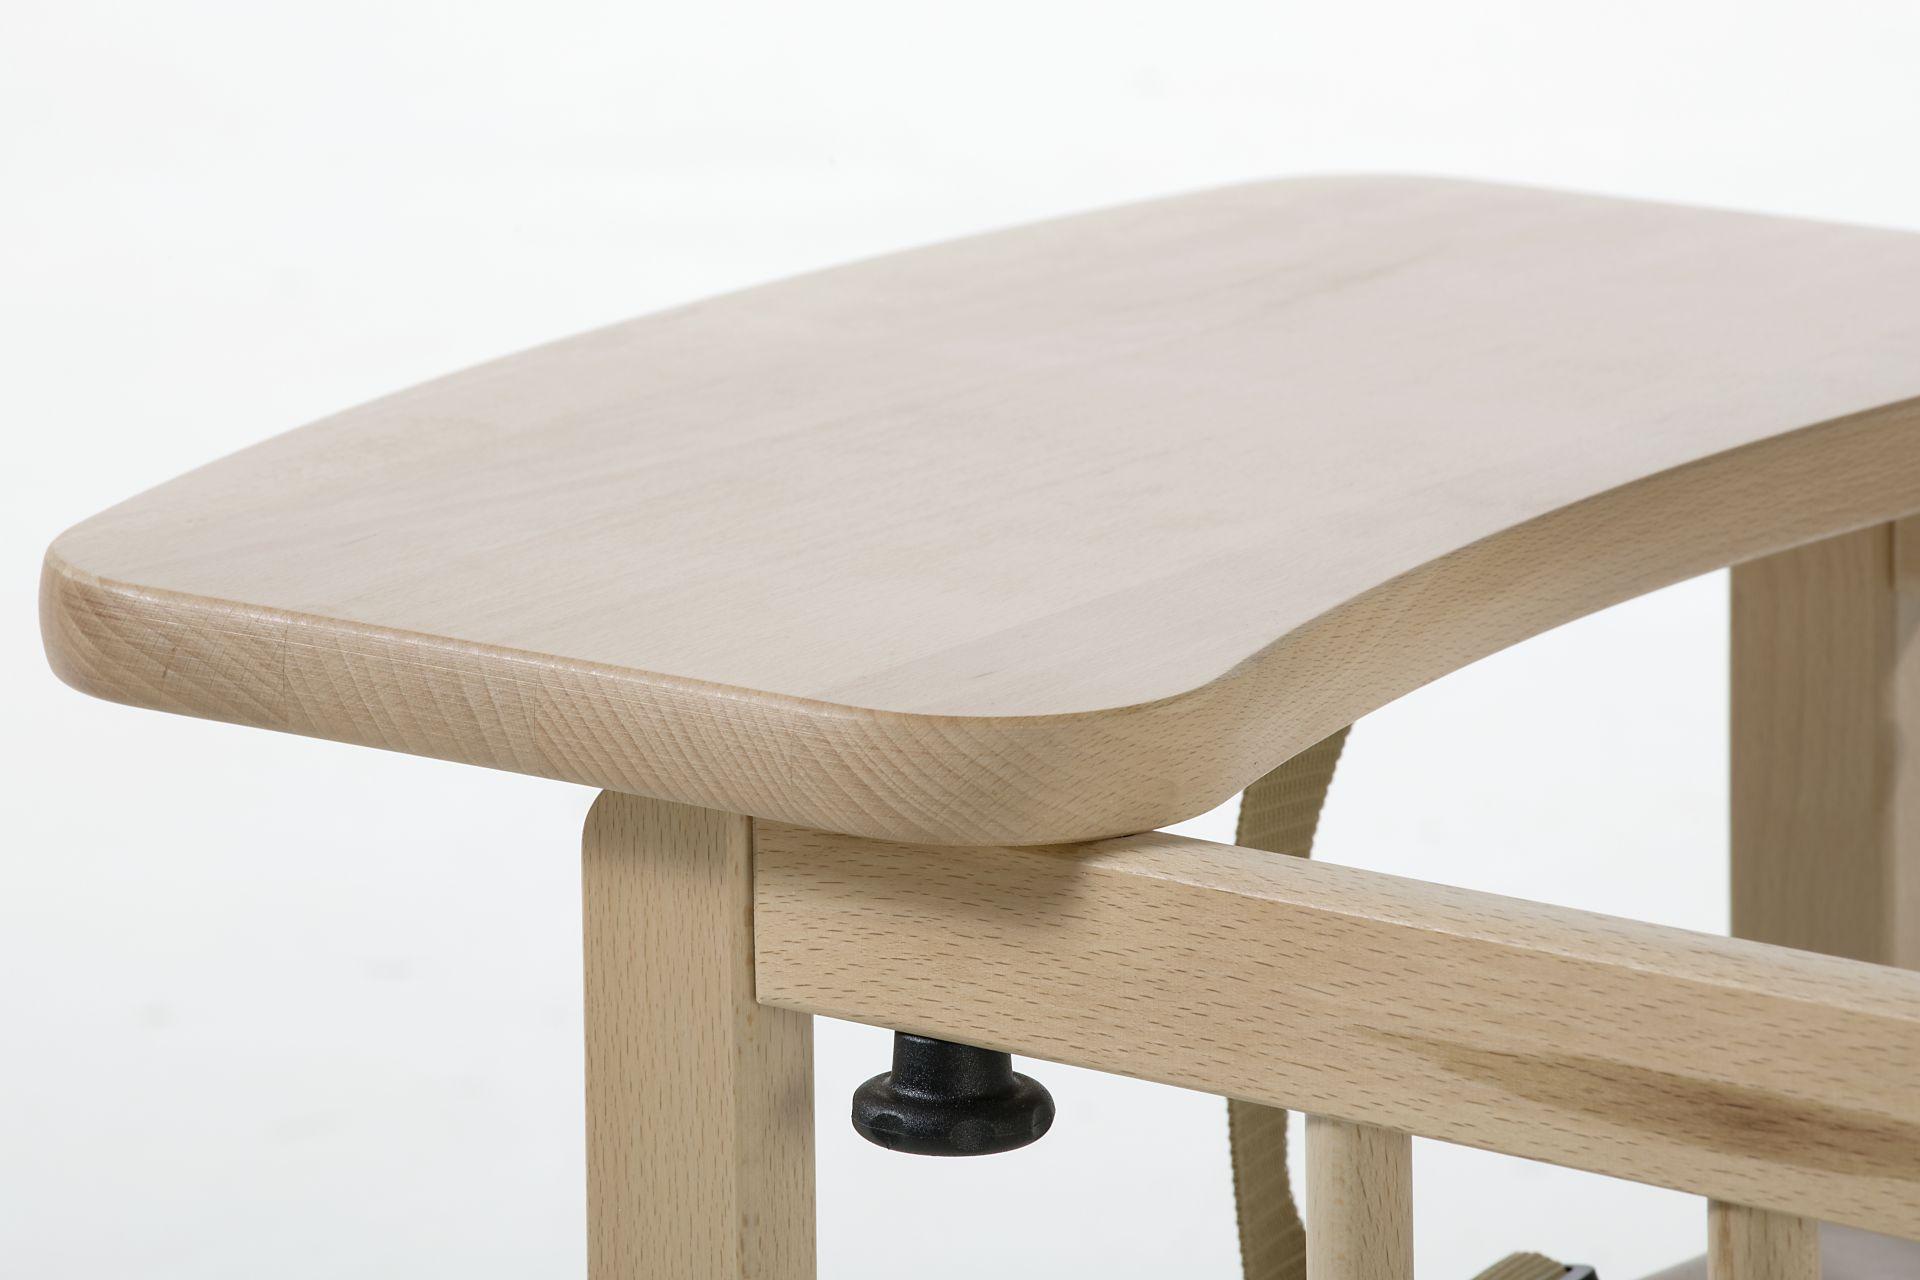 Tisch und Stuhl Geuther 2009 Hochstuhl Nico weiß Design 32